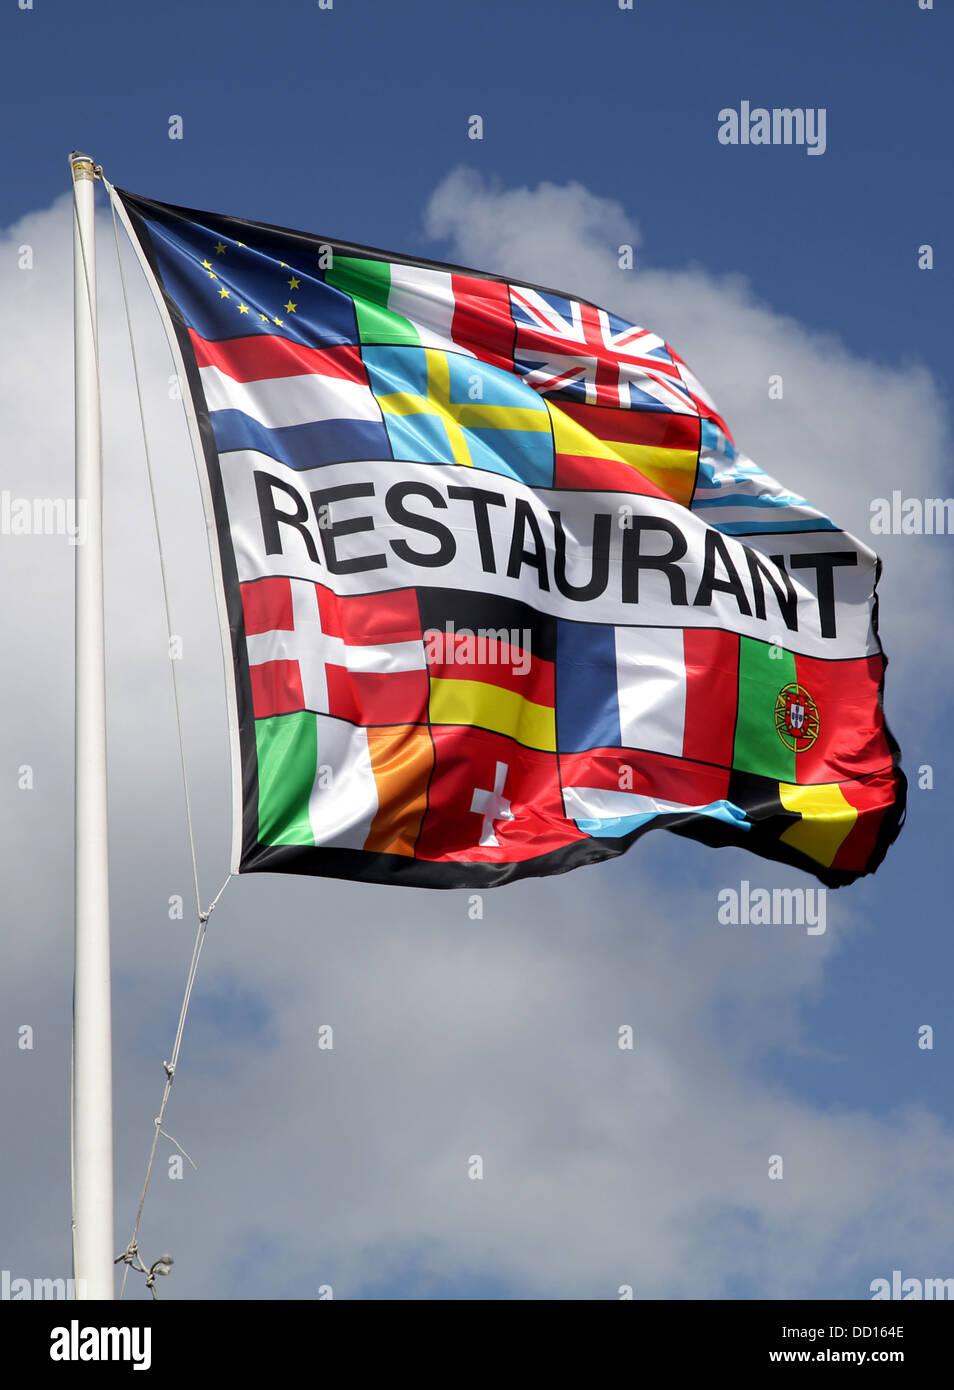 Restaurant flag.Restaurant banner.blue sky.European flag.EU.Europe. - Stock Image